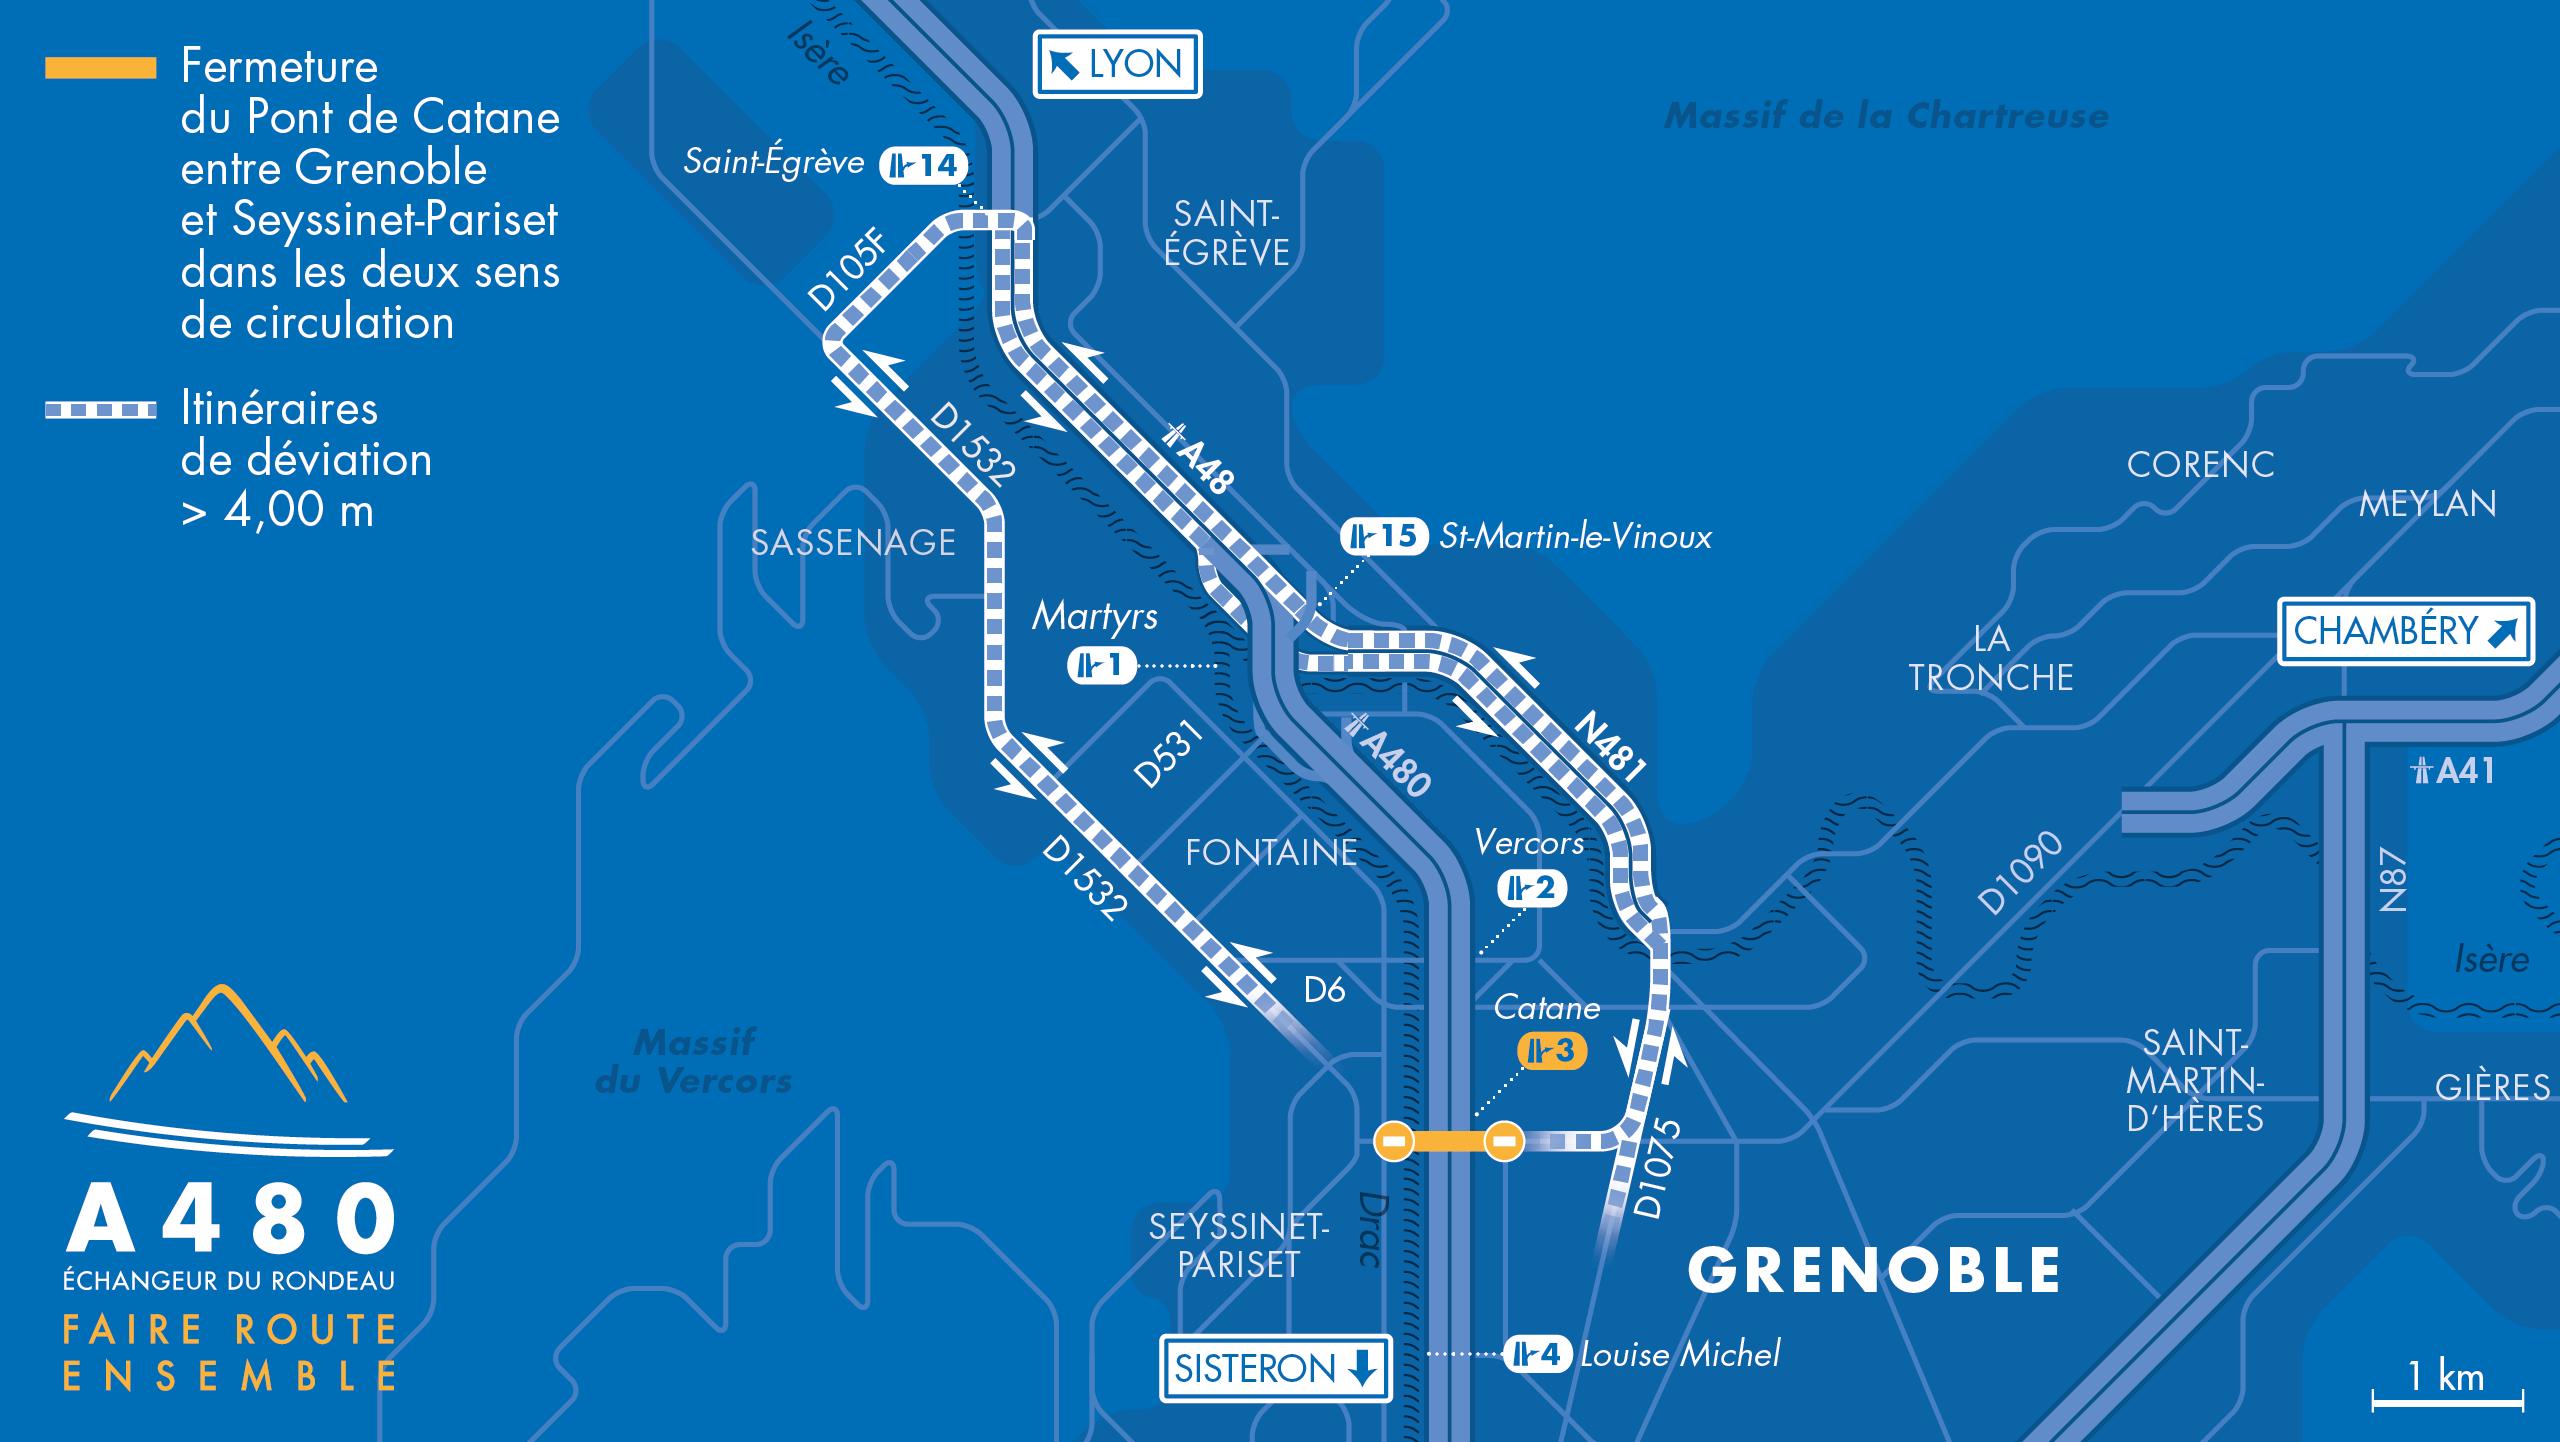 carte des déviations pour les poids lourds entre Grenoble et Seyssinet-Pariset